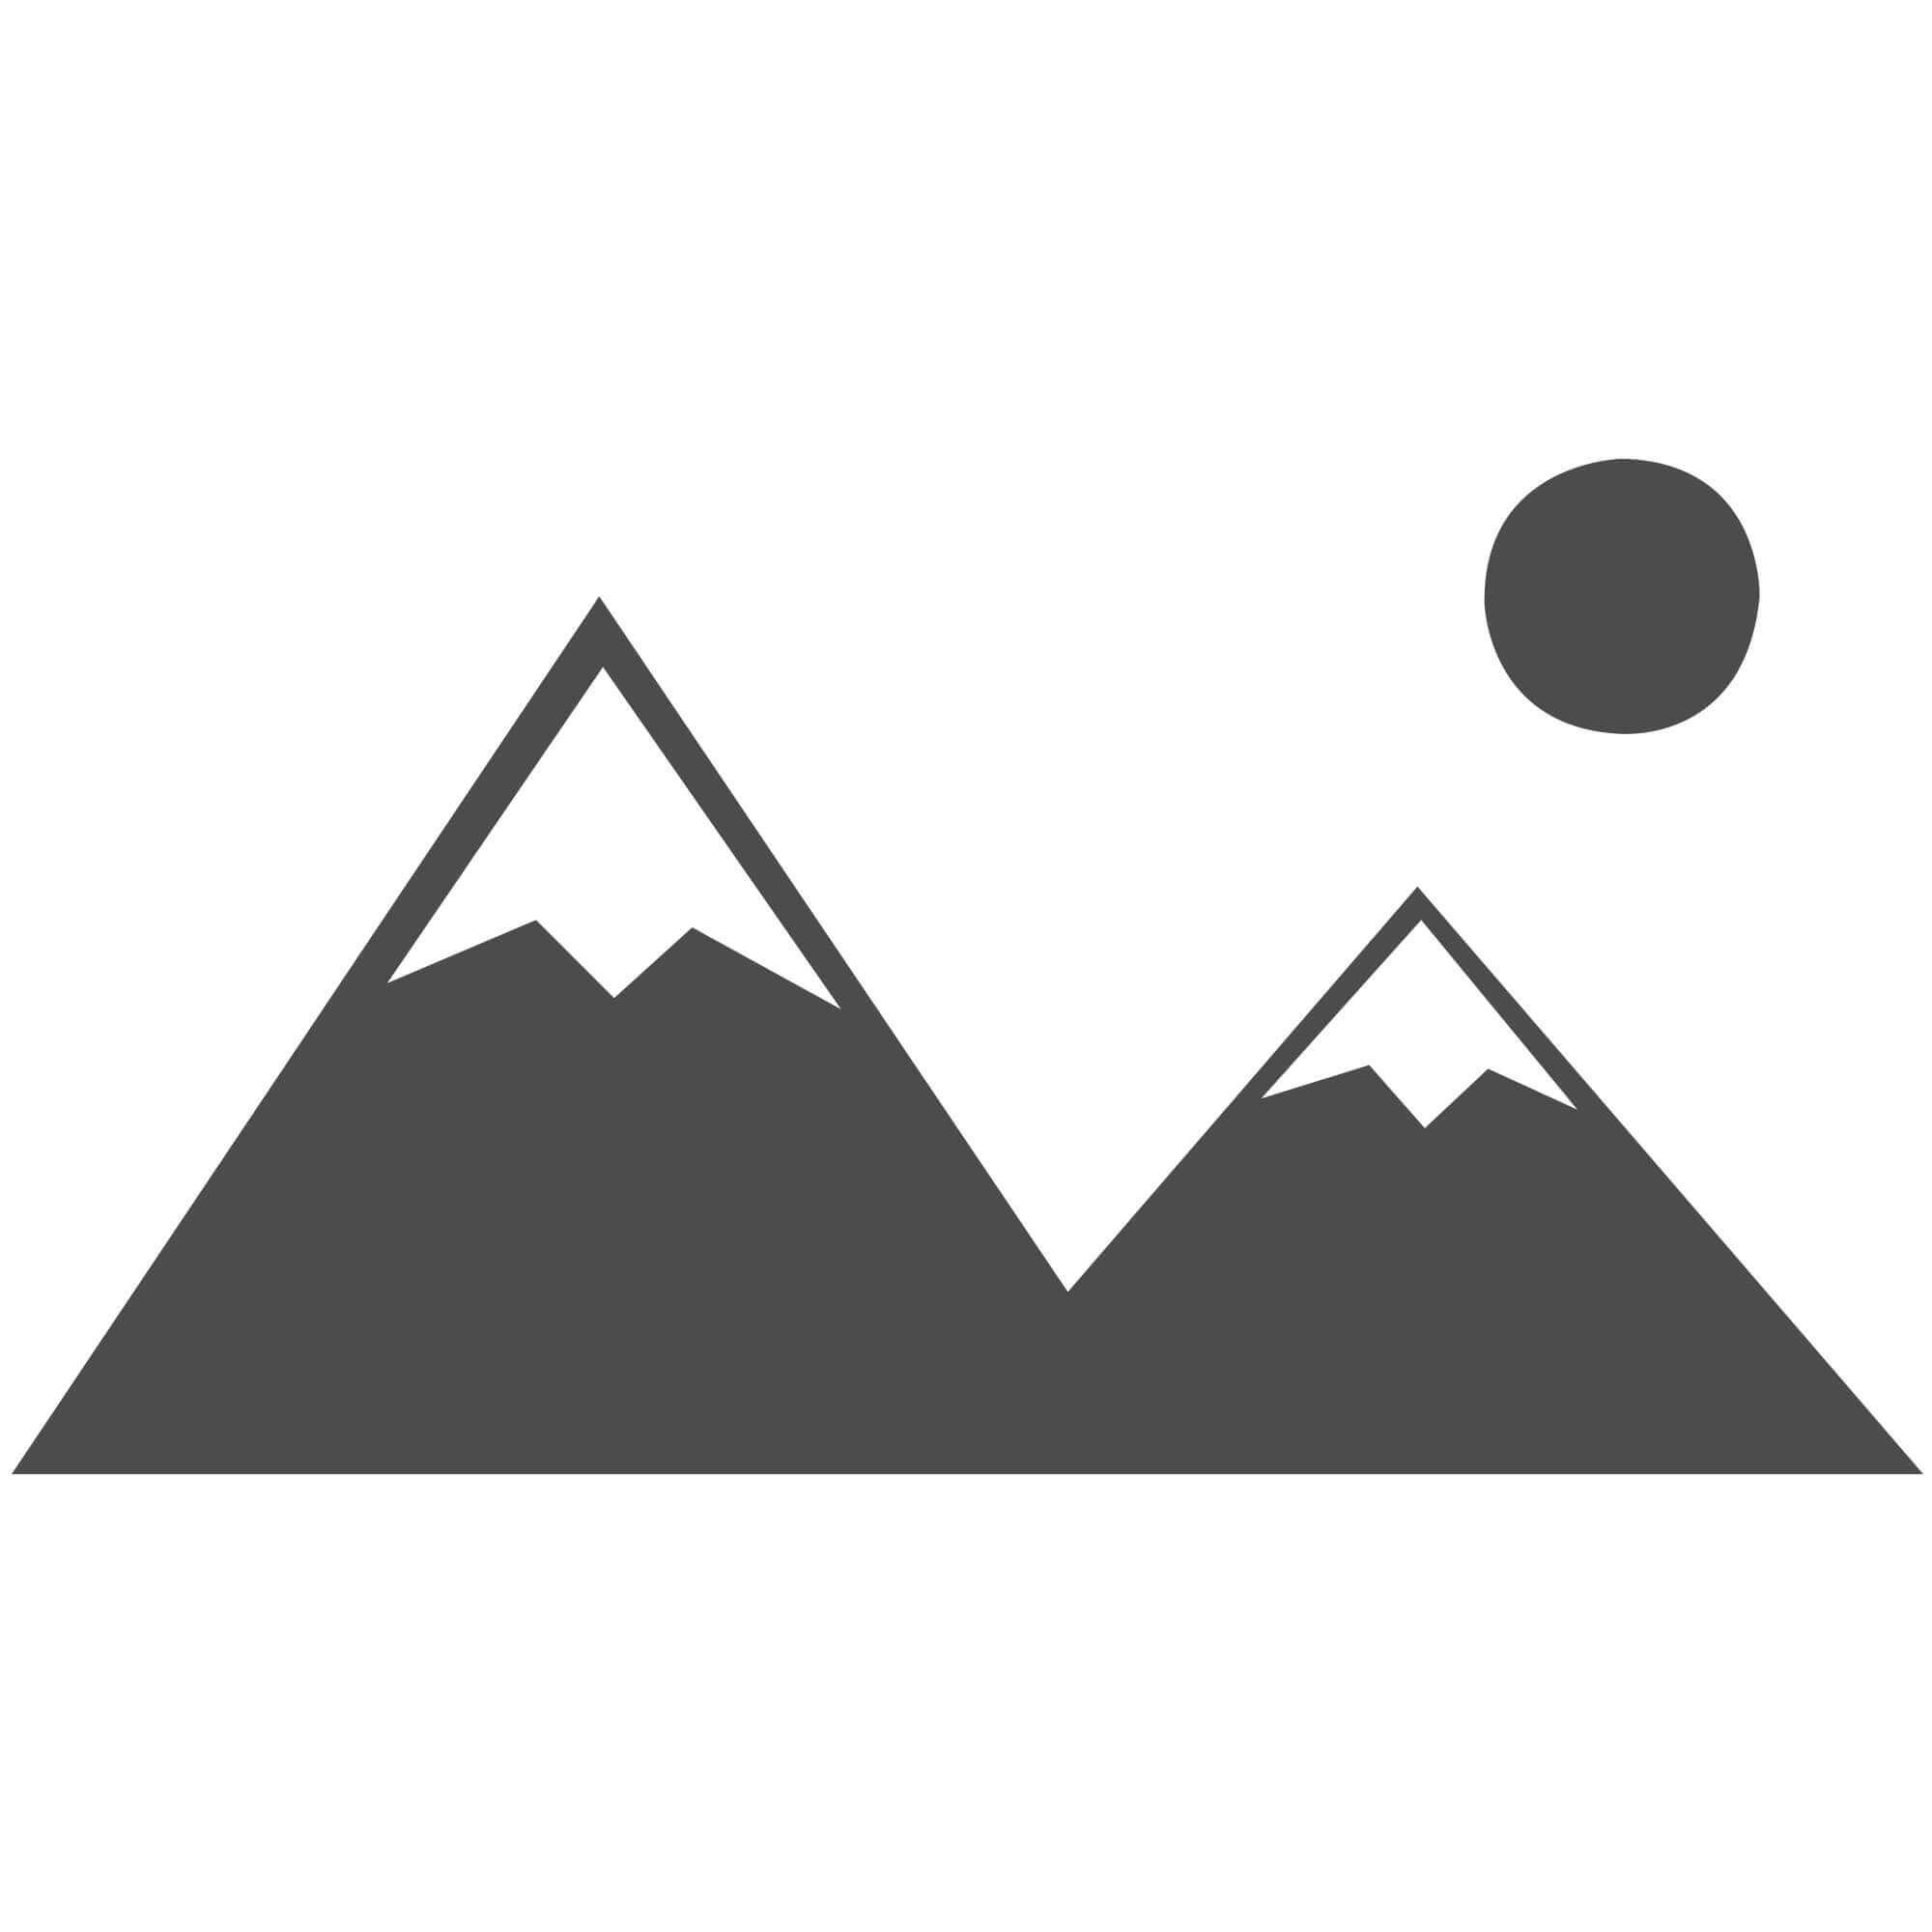 """Cascade Shaggy Rug - Slate - Size 120 x 170 cm (4' x 5'7"""")"""